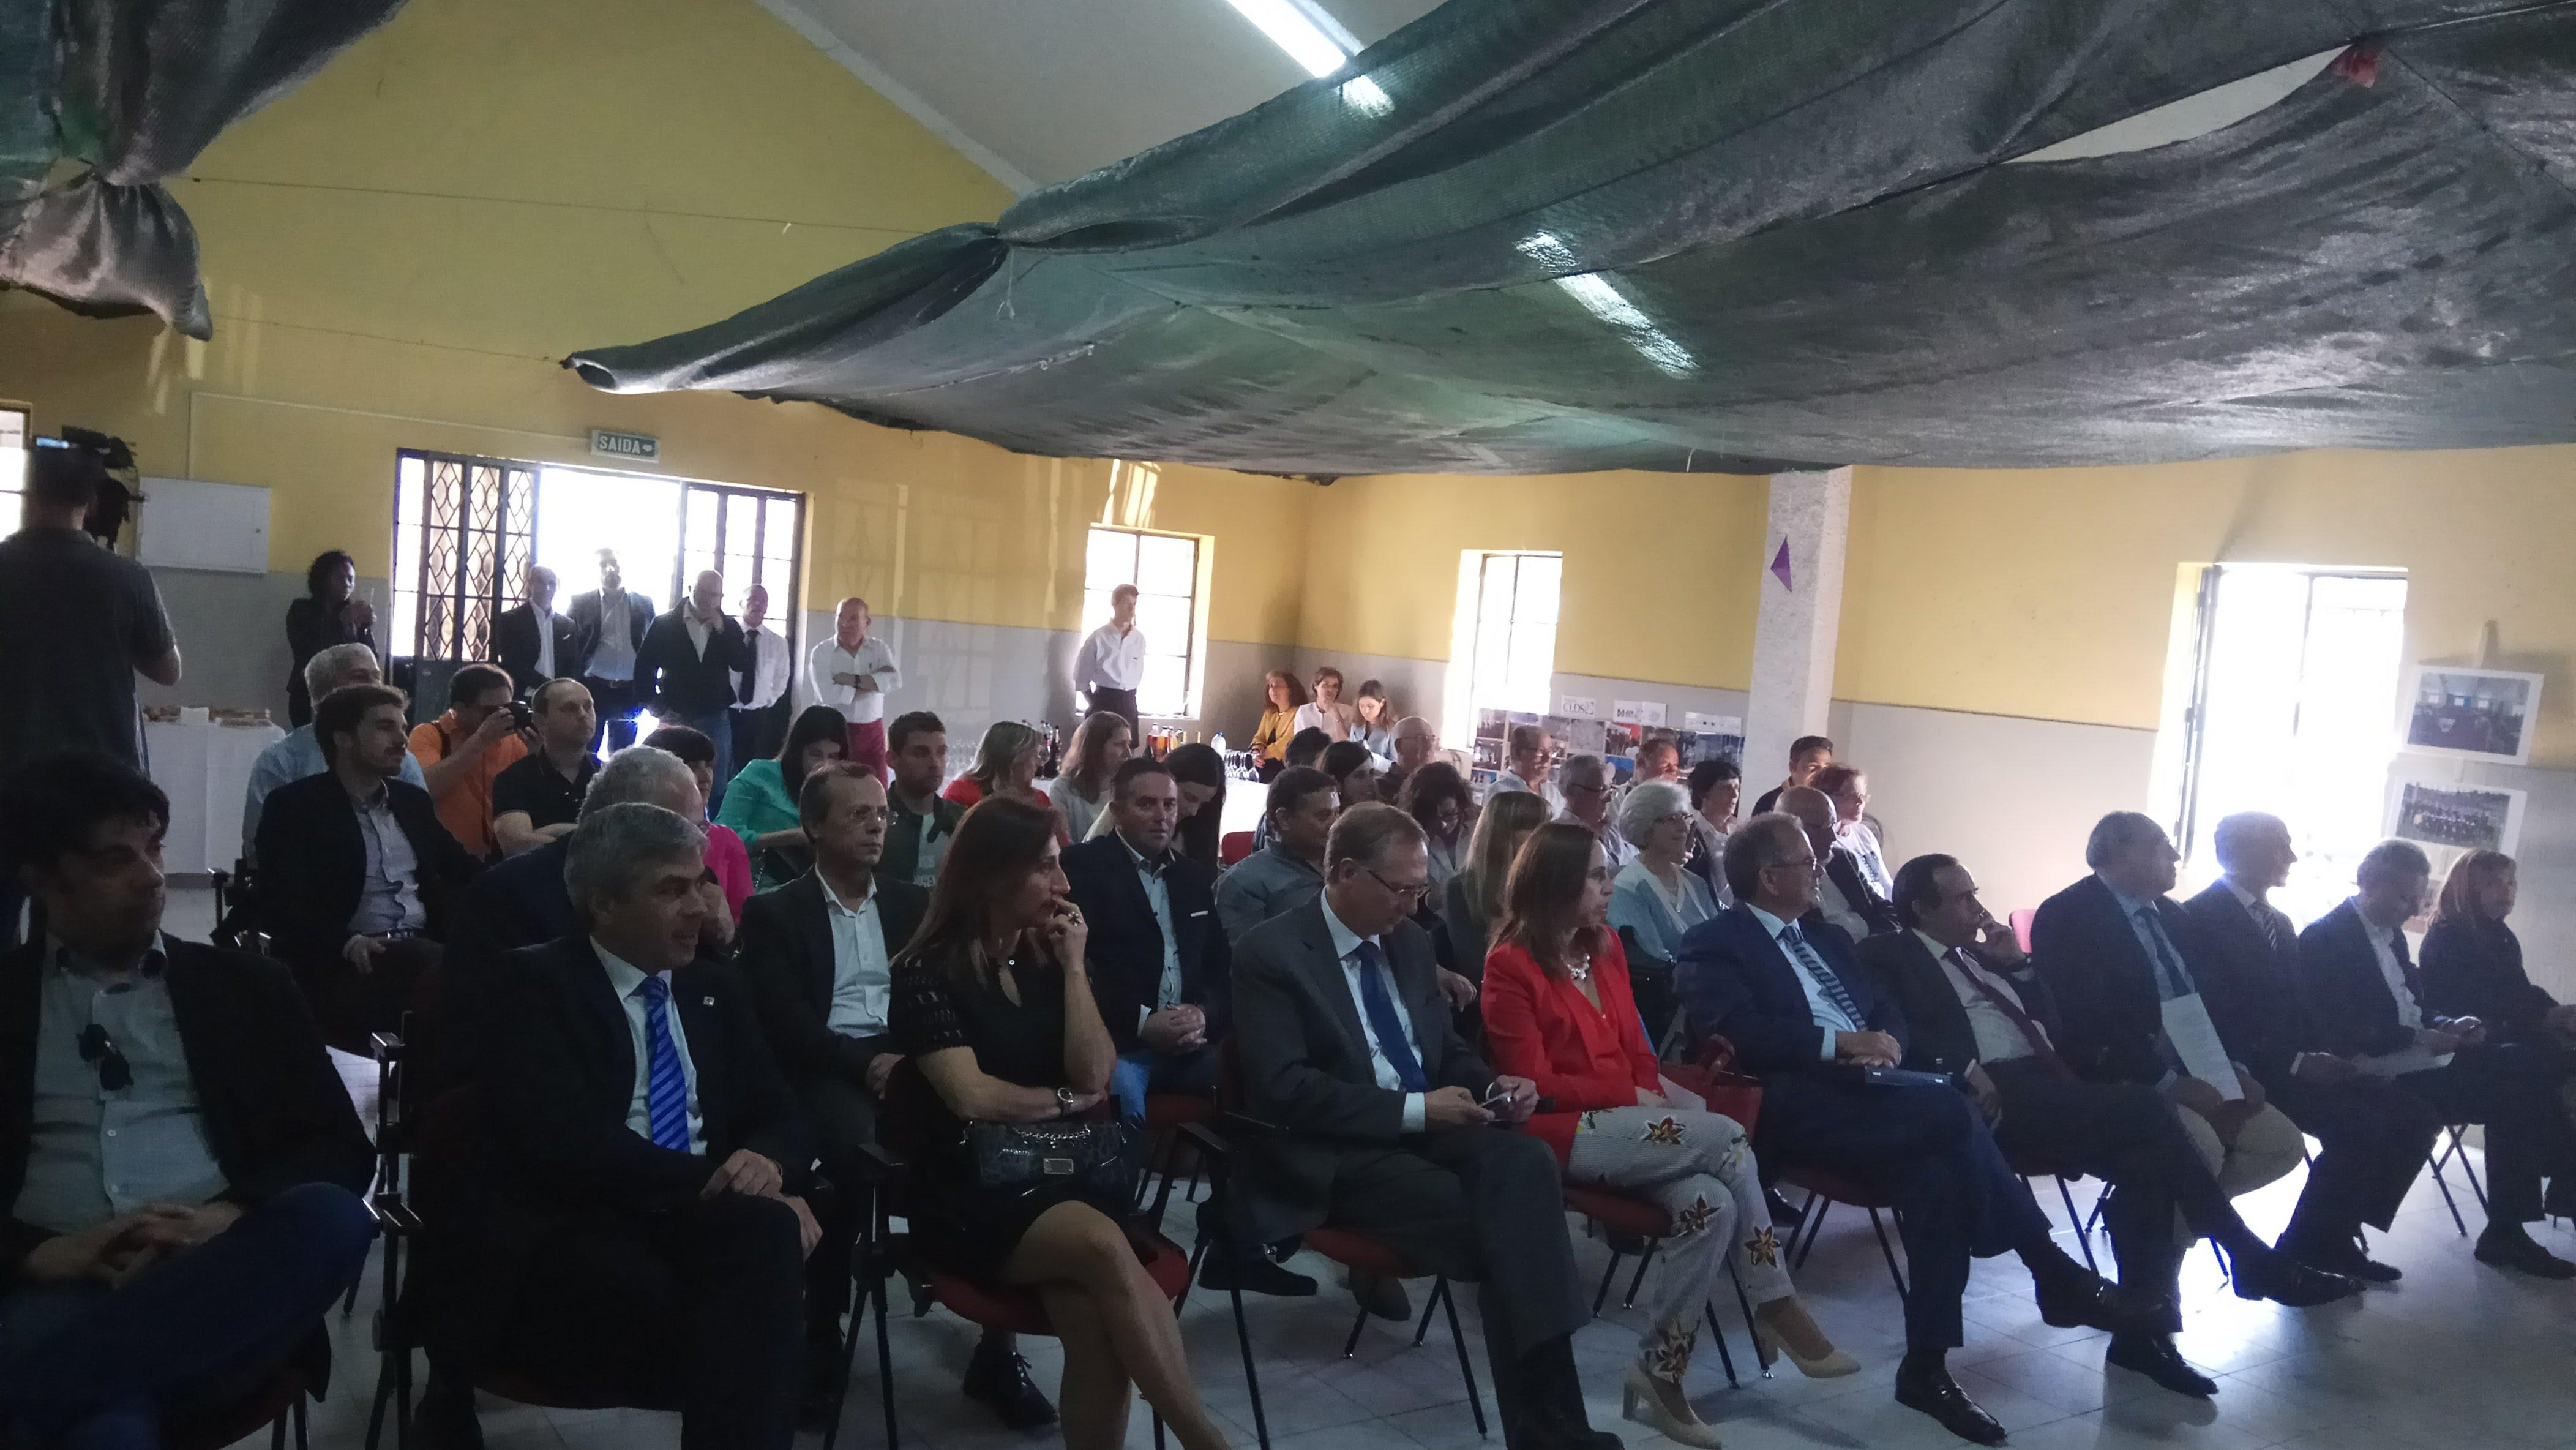 Assinatura do Protocolo do Projeto de Intervenção na Casa do Povo dos Galegos...